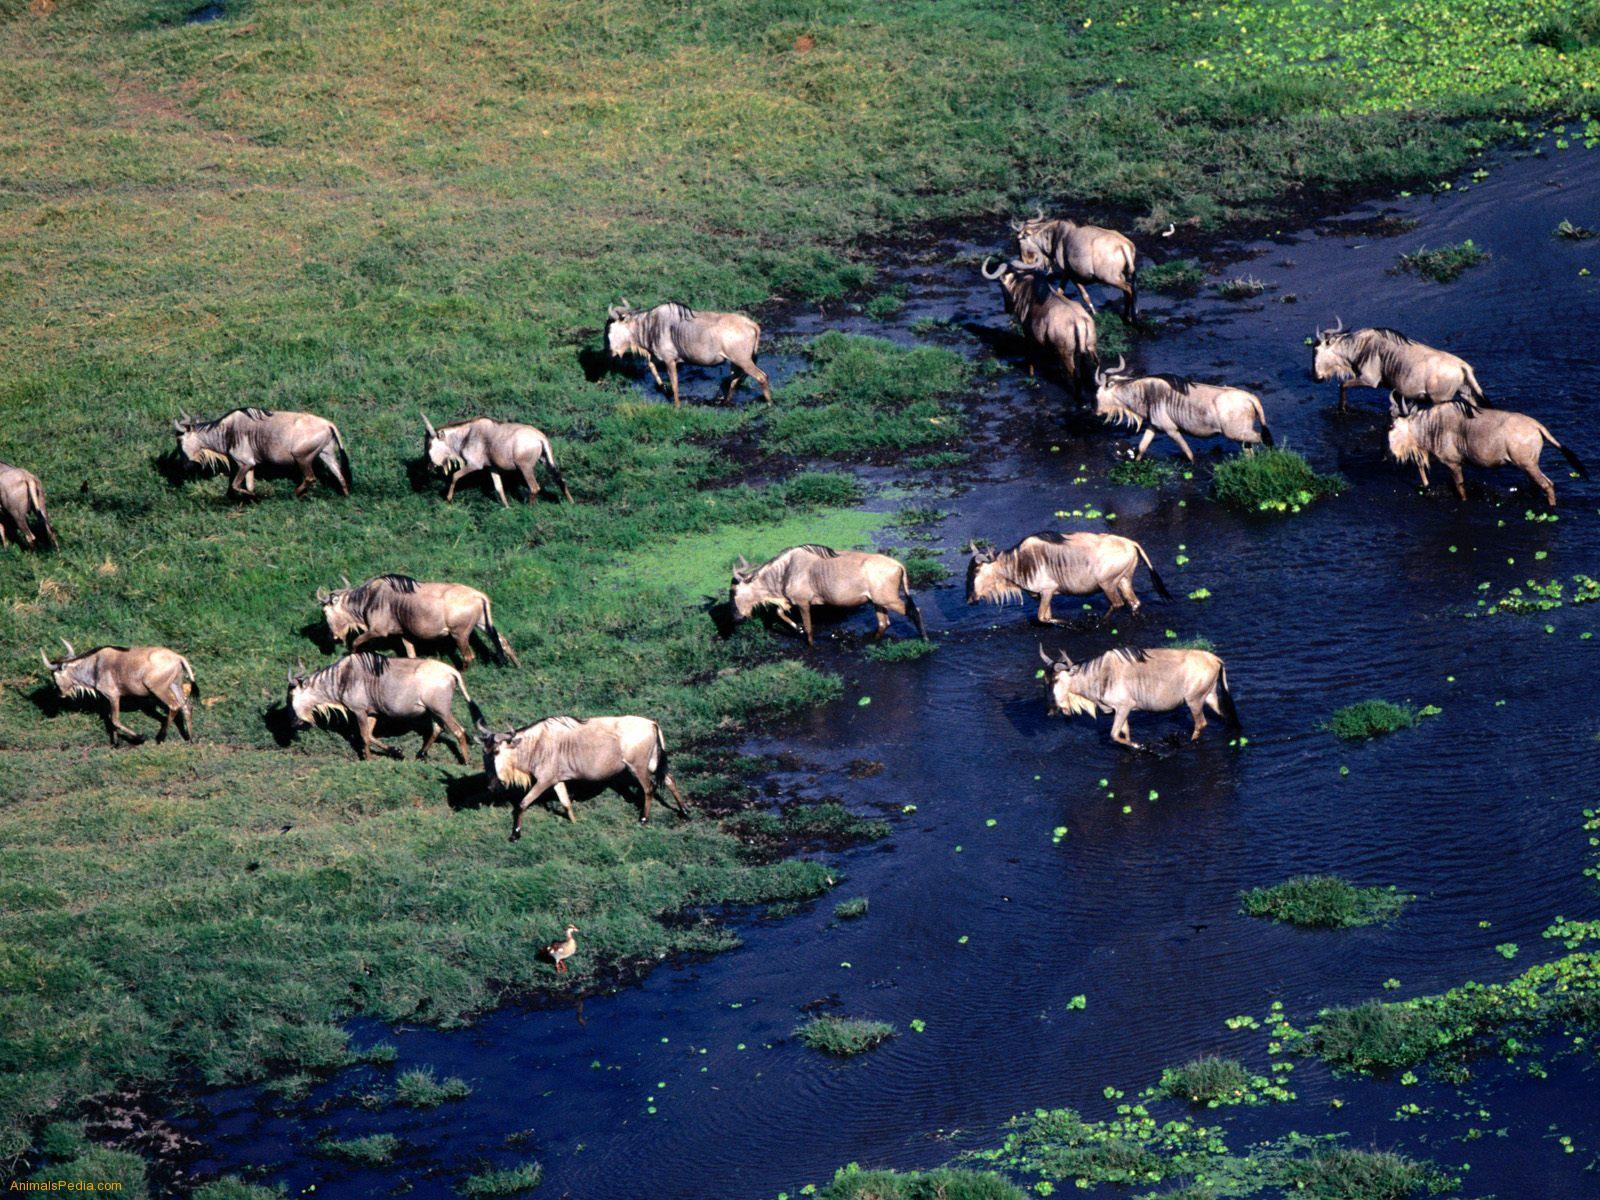 Beautiful Animals Safaris Safari Amazing Beautiful: Beautiful Animals Safaris: The Amazing Great Wildebeest